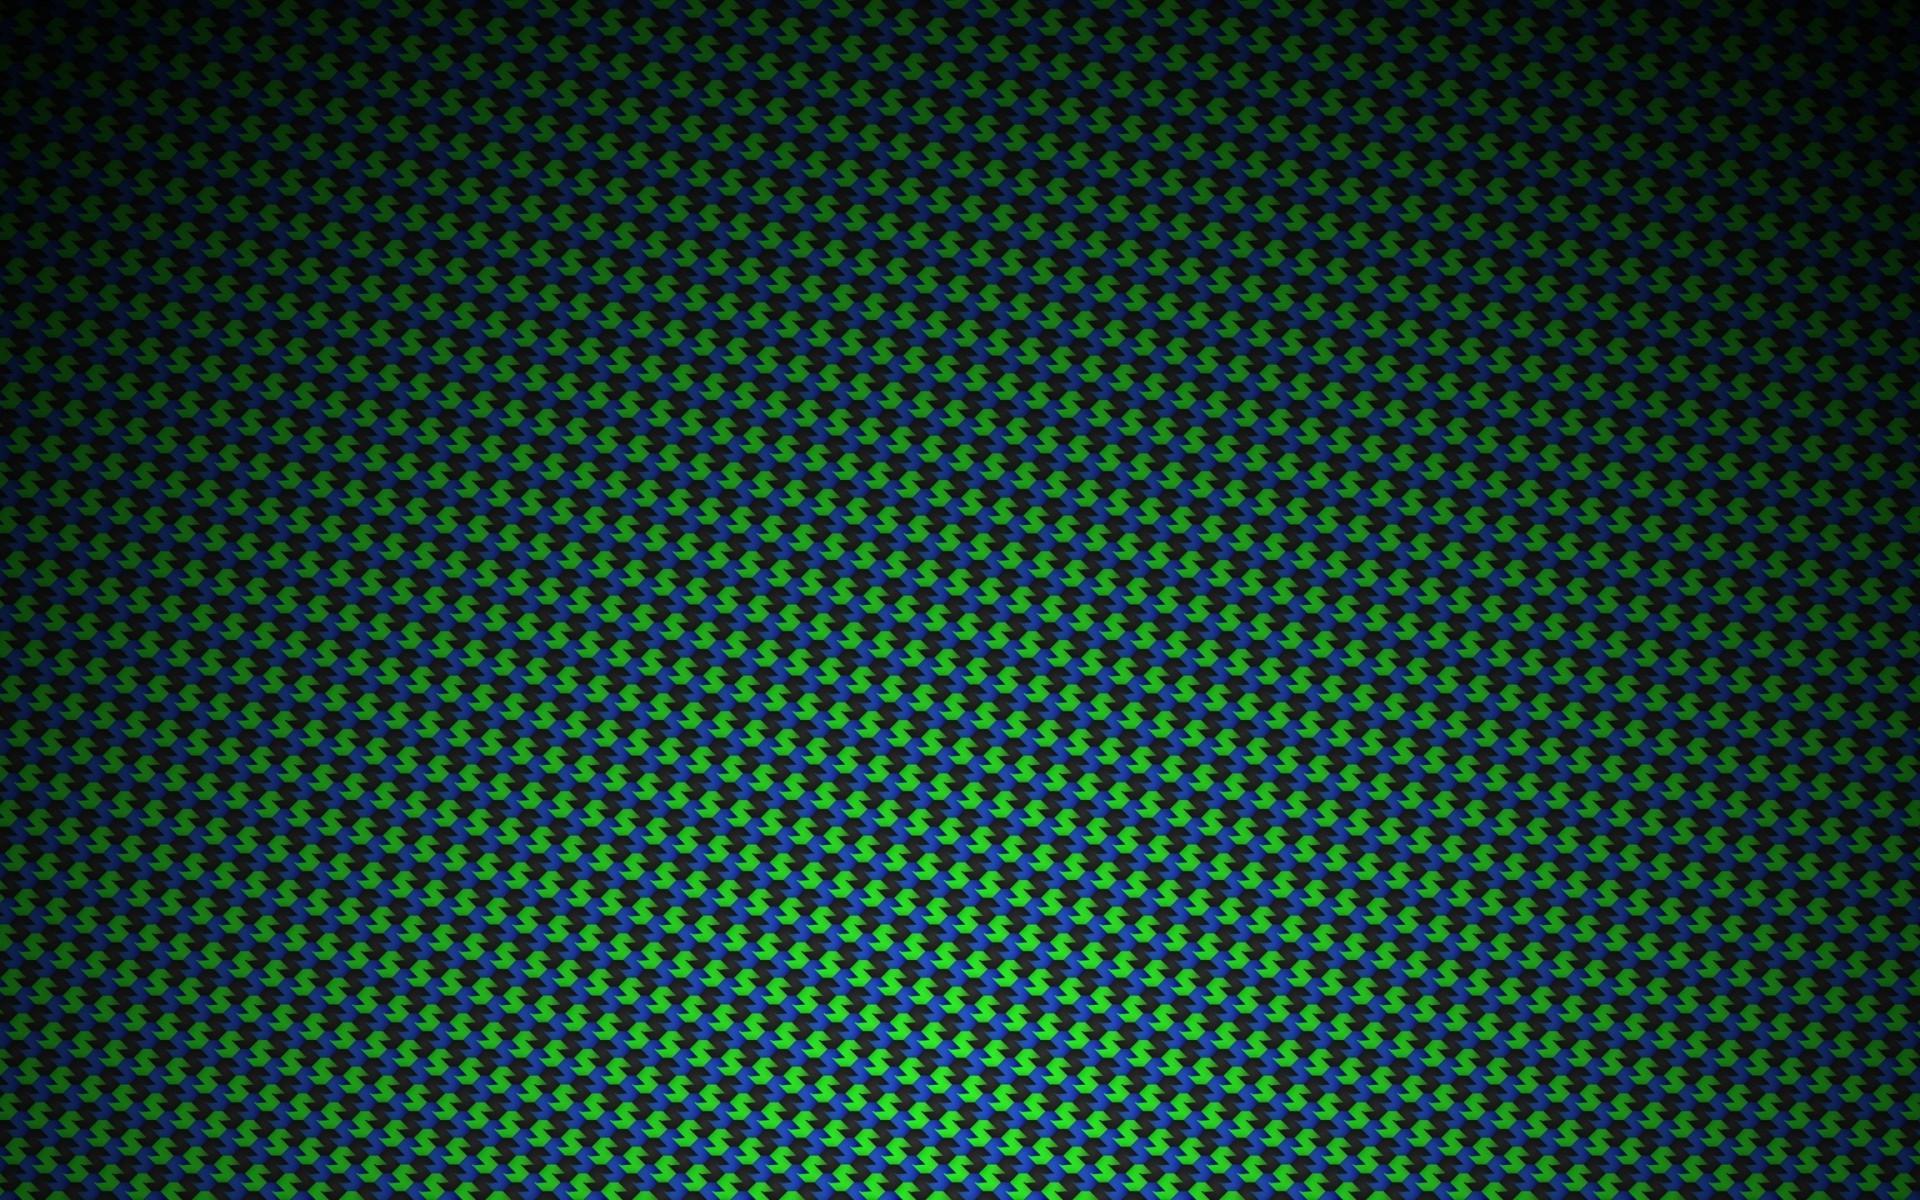 Wallpaper shape, surface, light, bright, texture